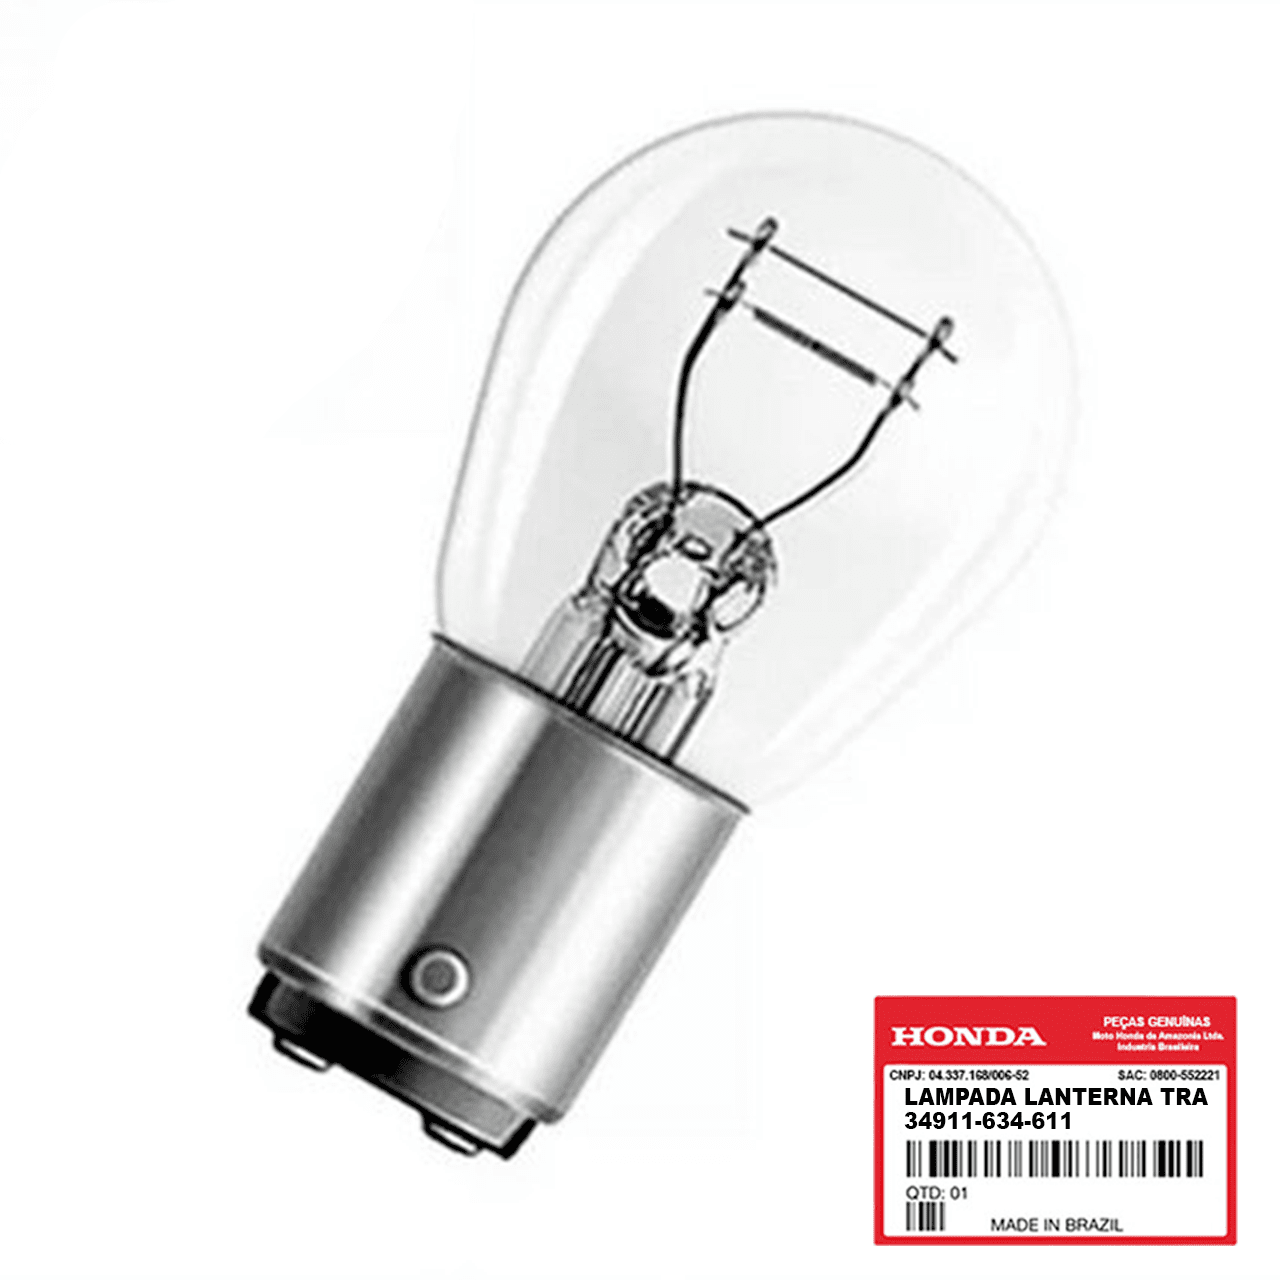 Lâmpada Lanterna Traseira Original Honda 34911634611